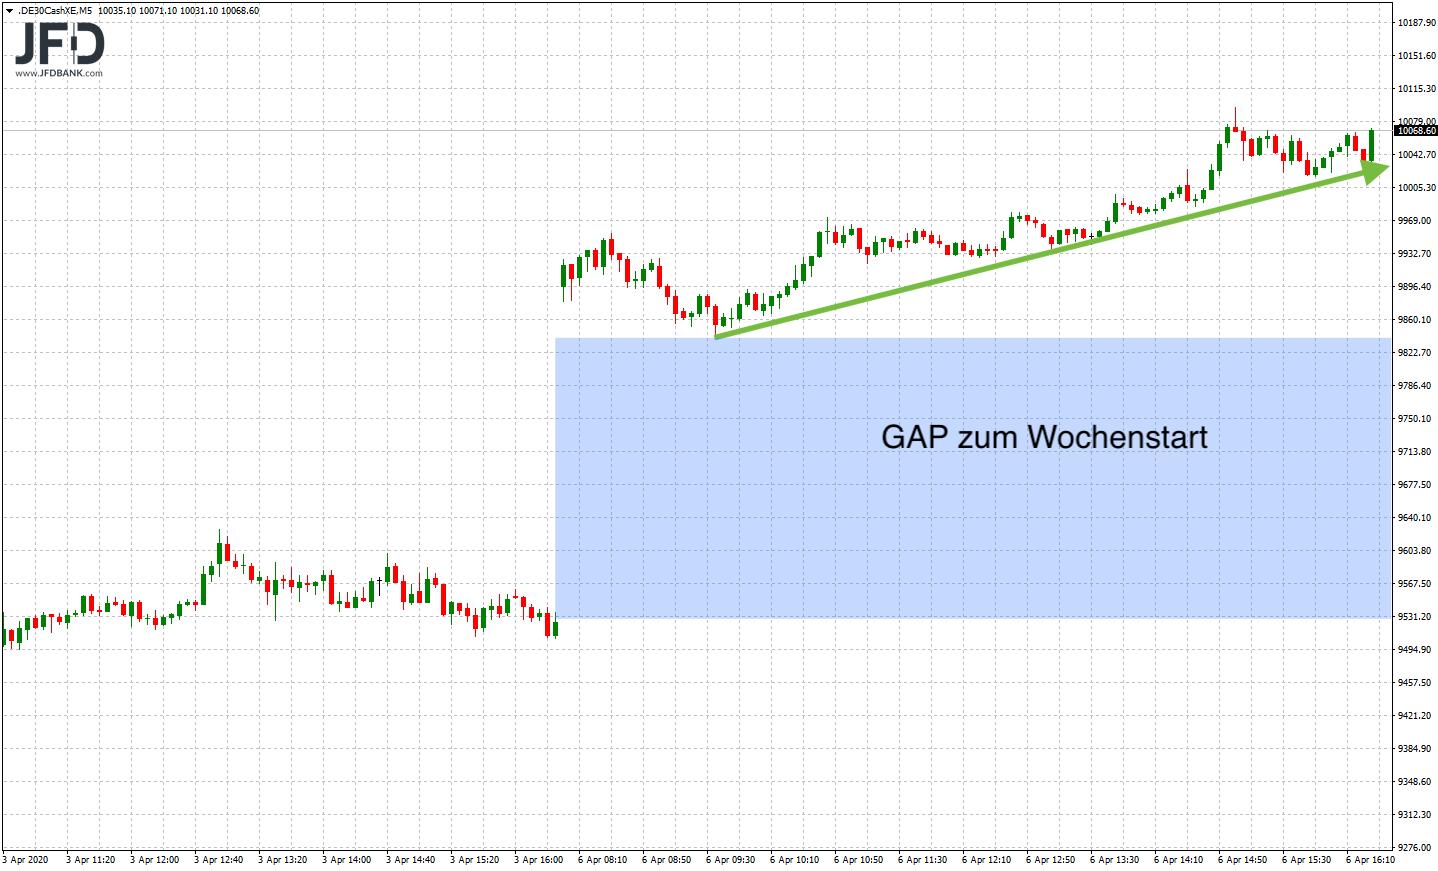 GAP und Trend zum Wochenstart DAX